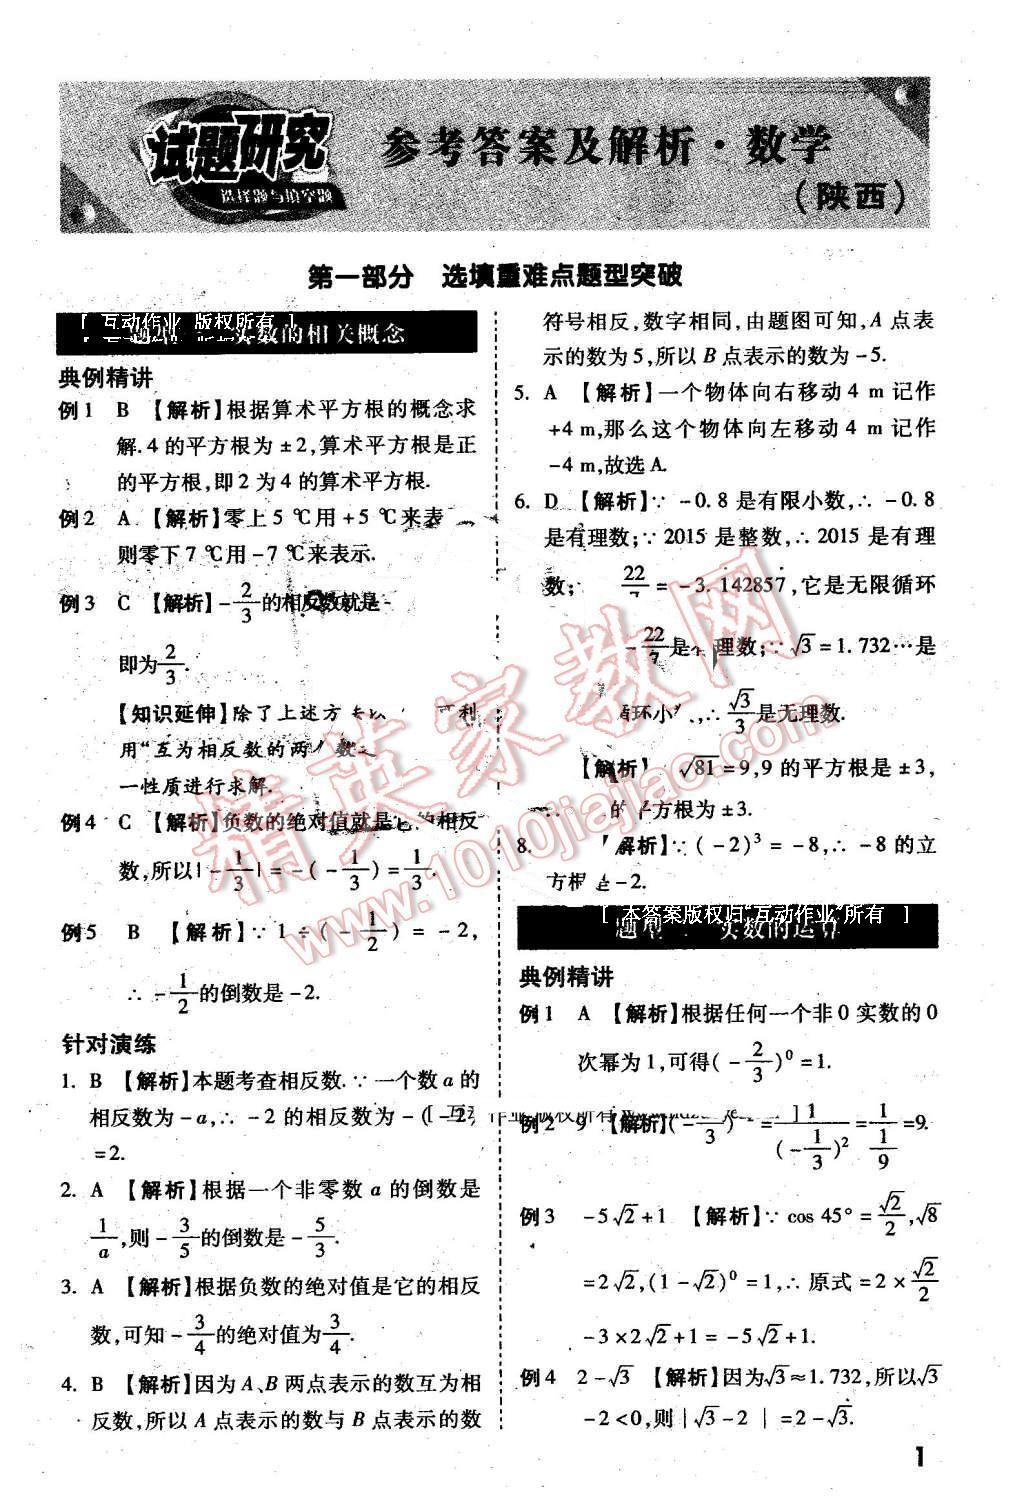 2016年万唯教育陕西中考试题研究选择题与填空题数学第9年第9版第1页